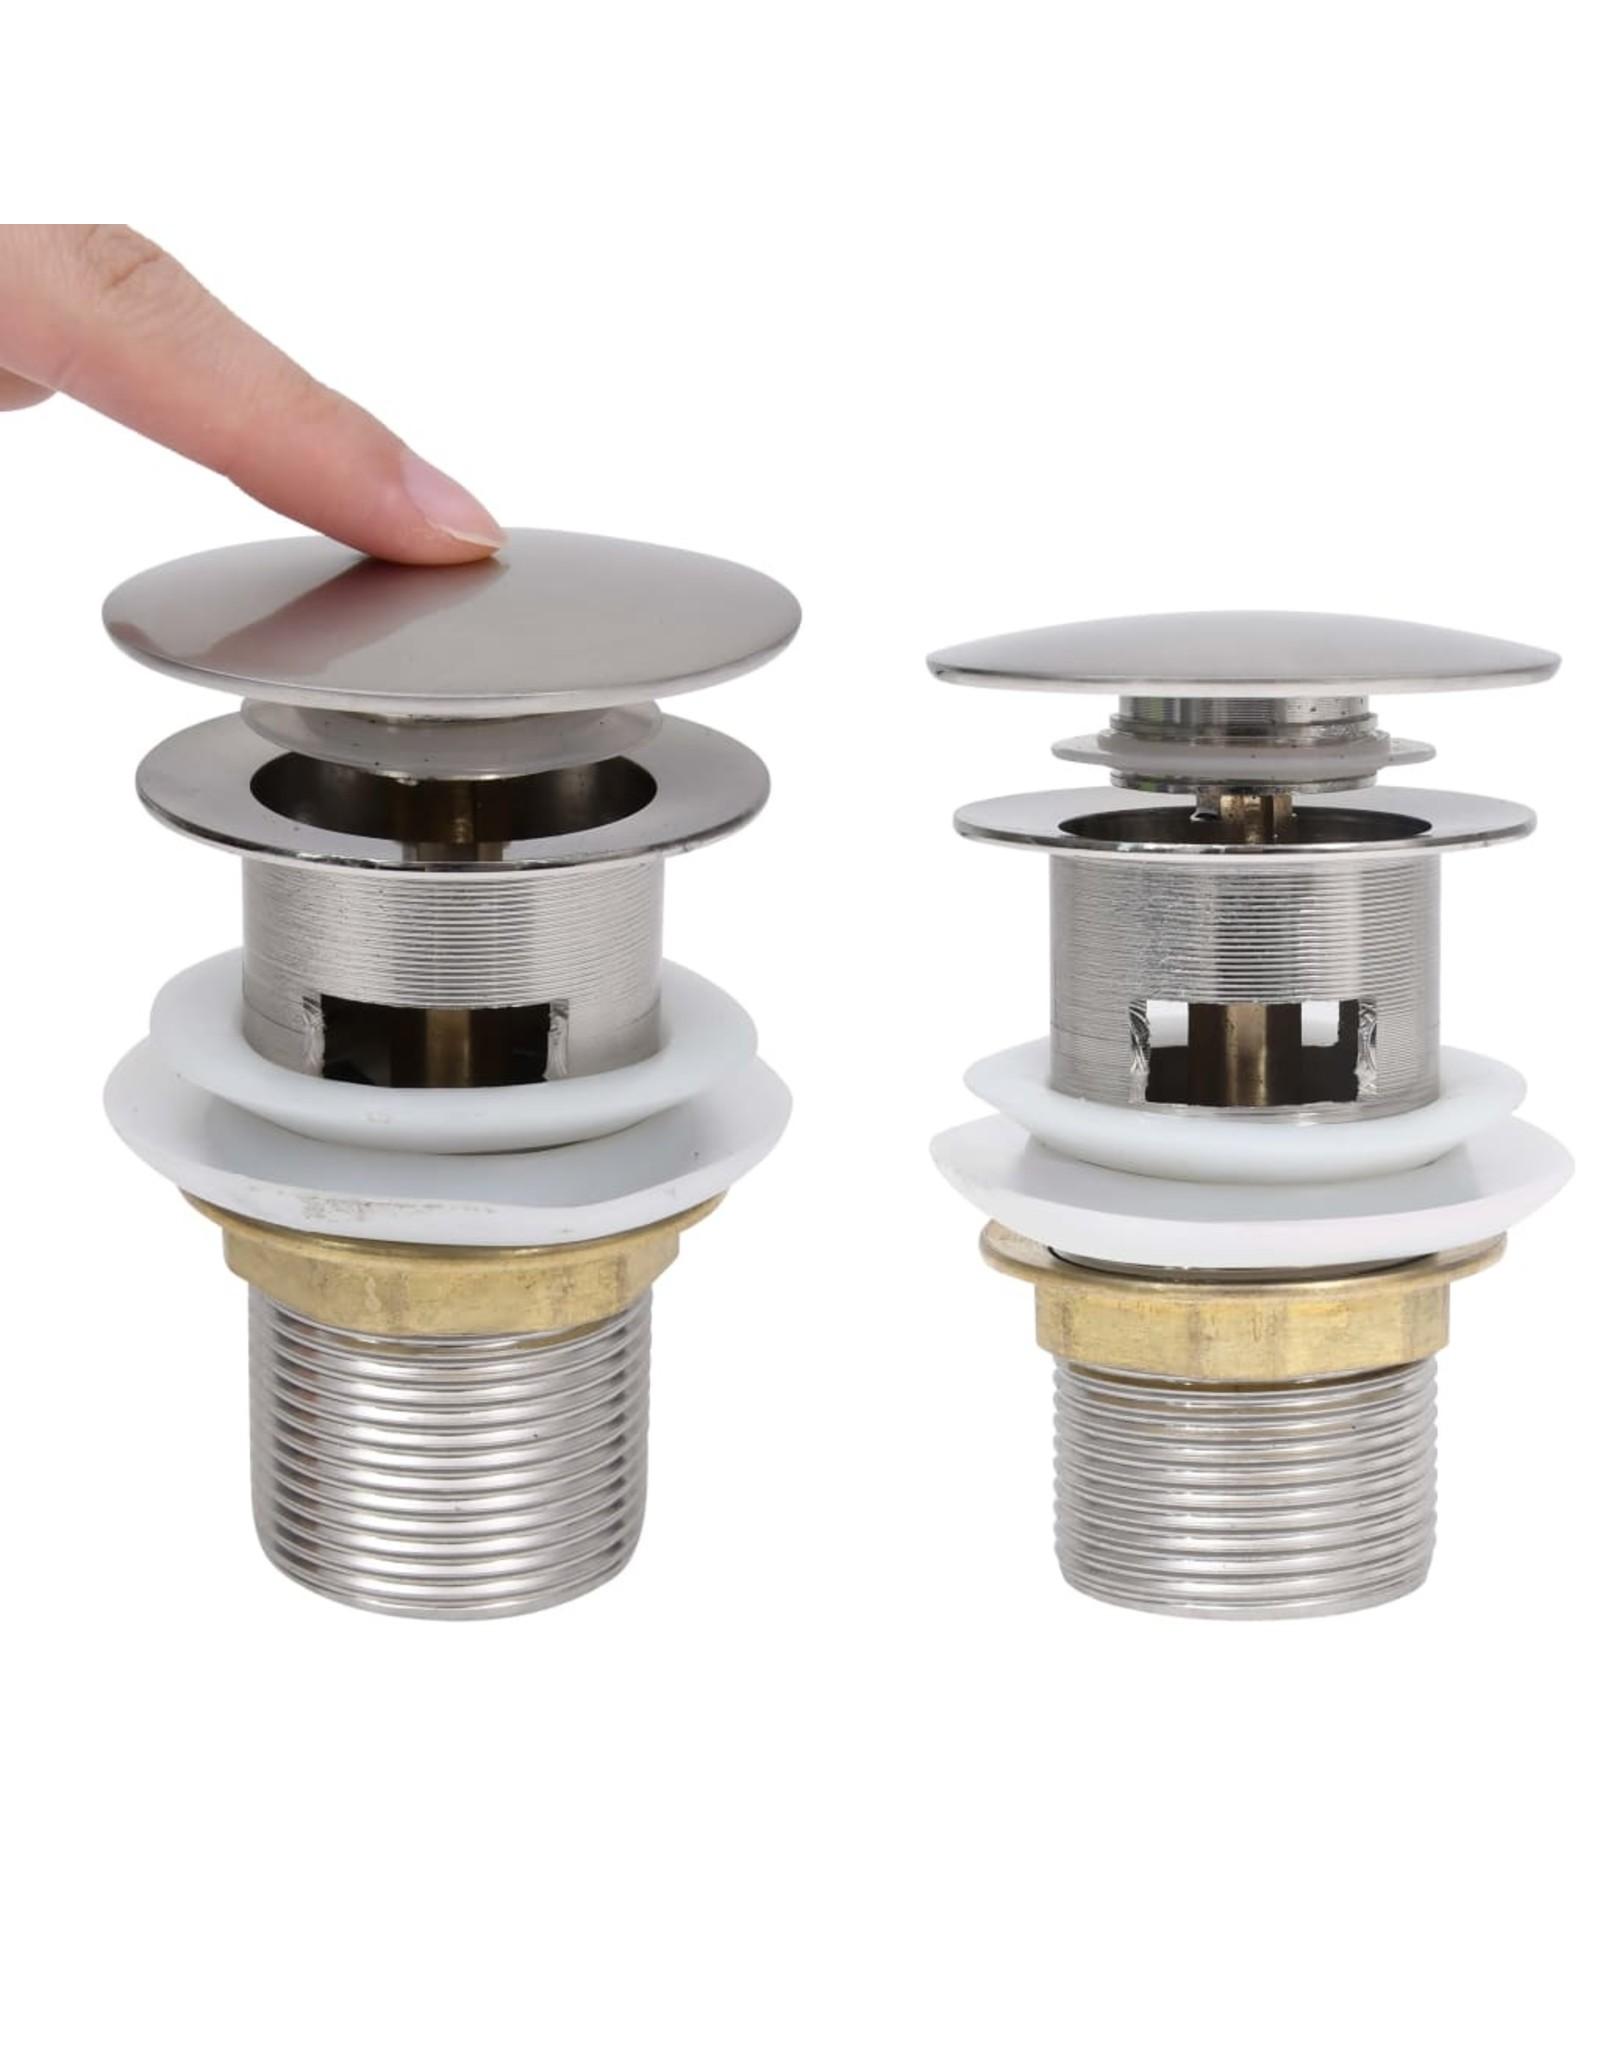 Afvoer pop-up met overloop 6,4x6,4x9,1 cm nikkelkleurig